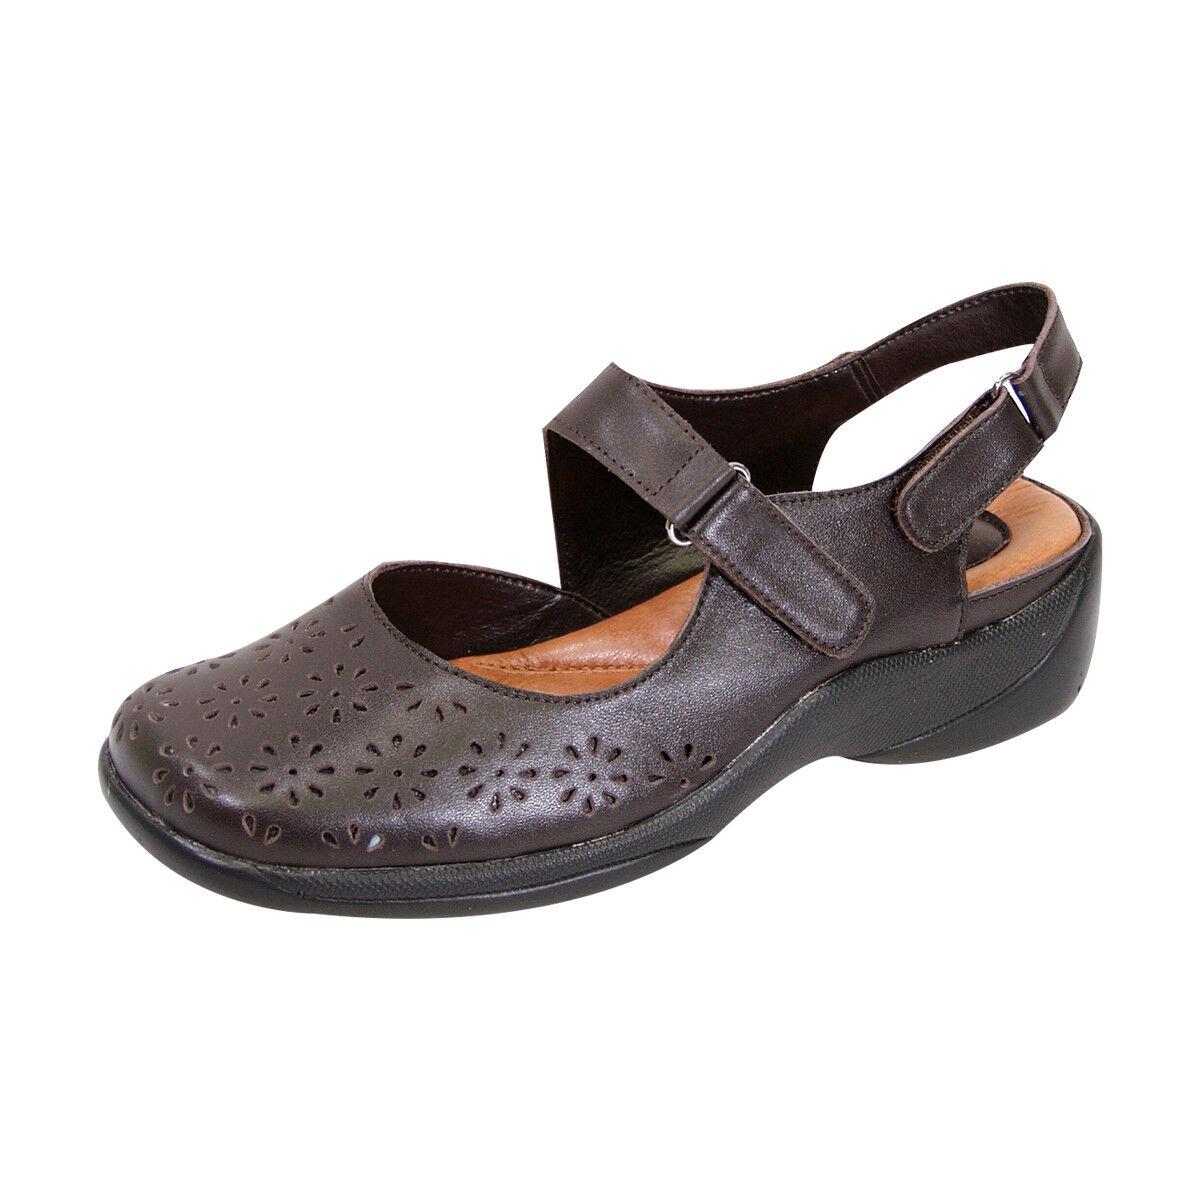 FIC PEERAGE PEERAGE FIC Kylie Donna Wide Width Pelle Comfort Sandal for Everyday 90d0d7